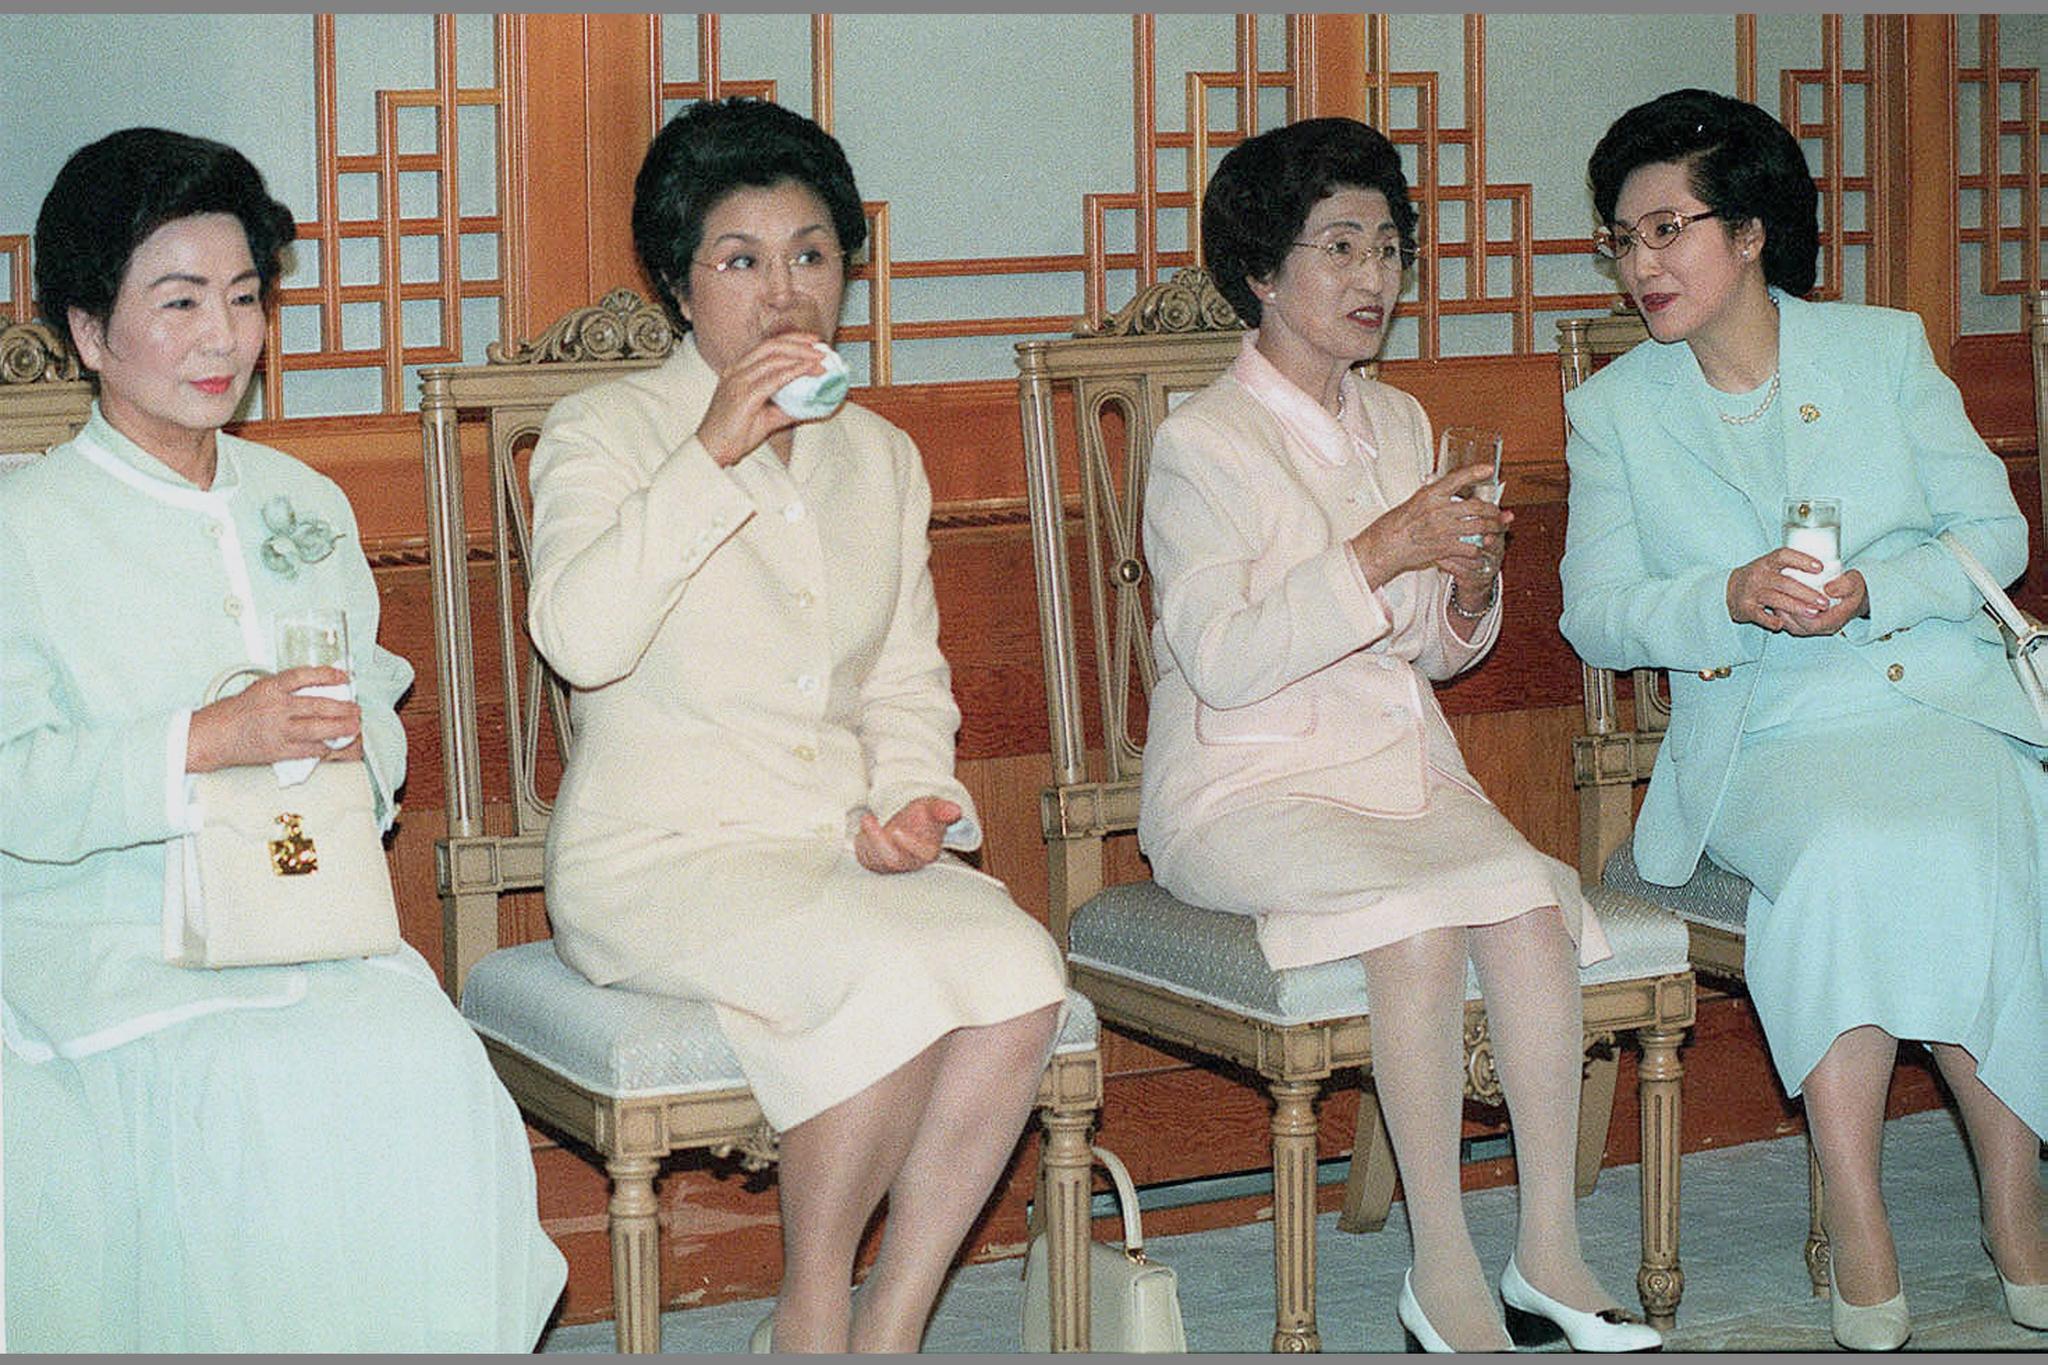 1998년 7월31일 청와대에서 열렸던 전직대통령초청 만찬장에서 자리를 함께한 전,현직 대통령 부인들. 왼쪽부터 손명순, 이순자, 이희호, 김옥숙 여사 [중앙포토]